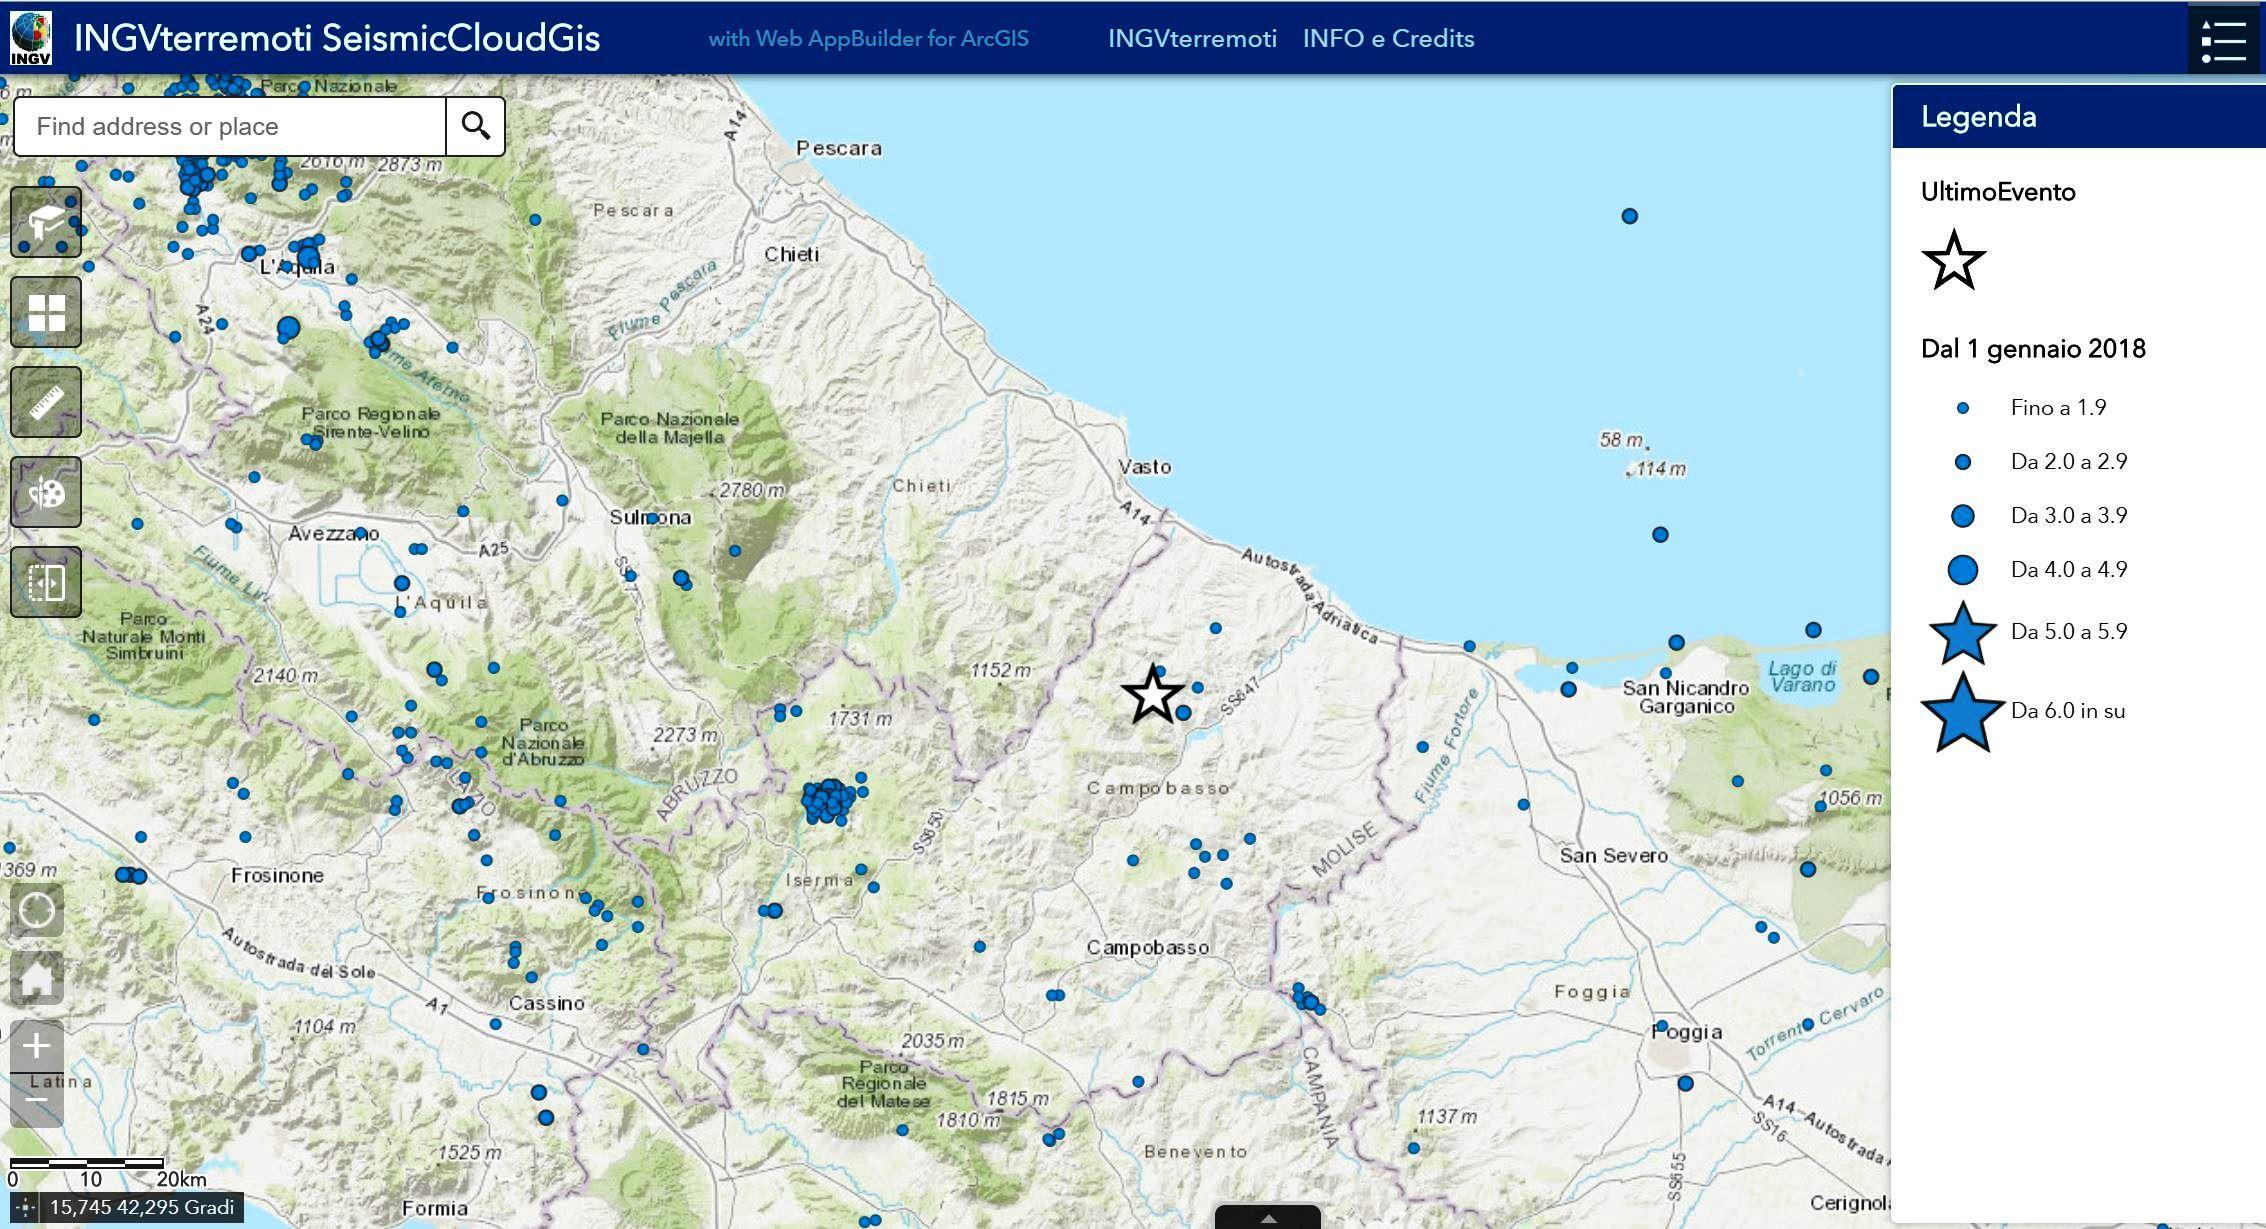 Monitoraggio terremoti online dating